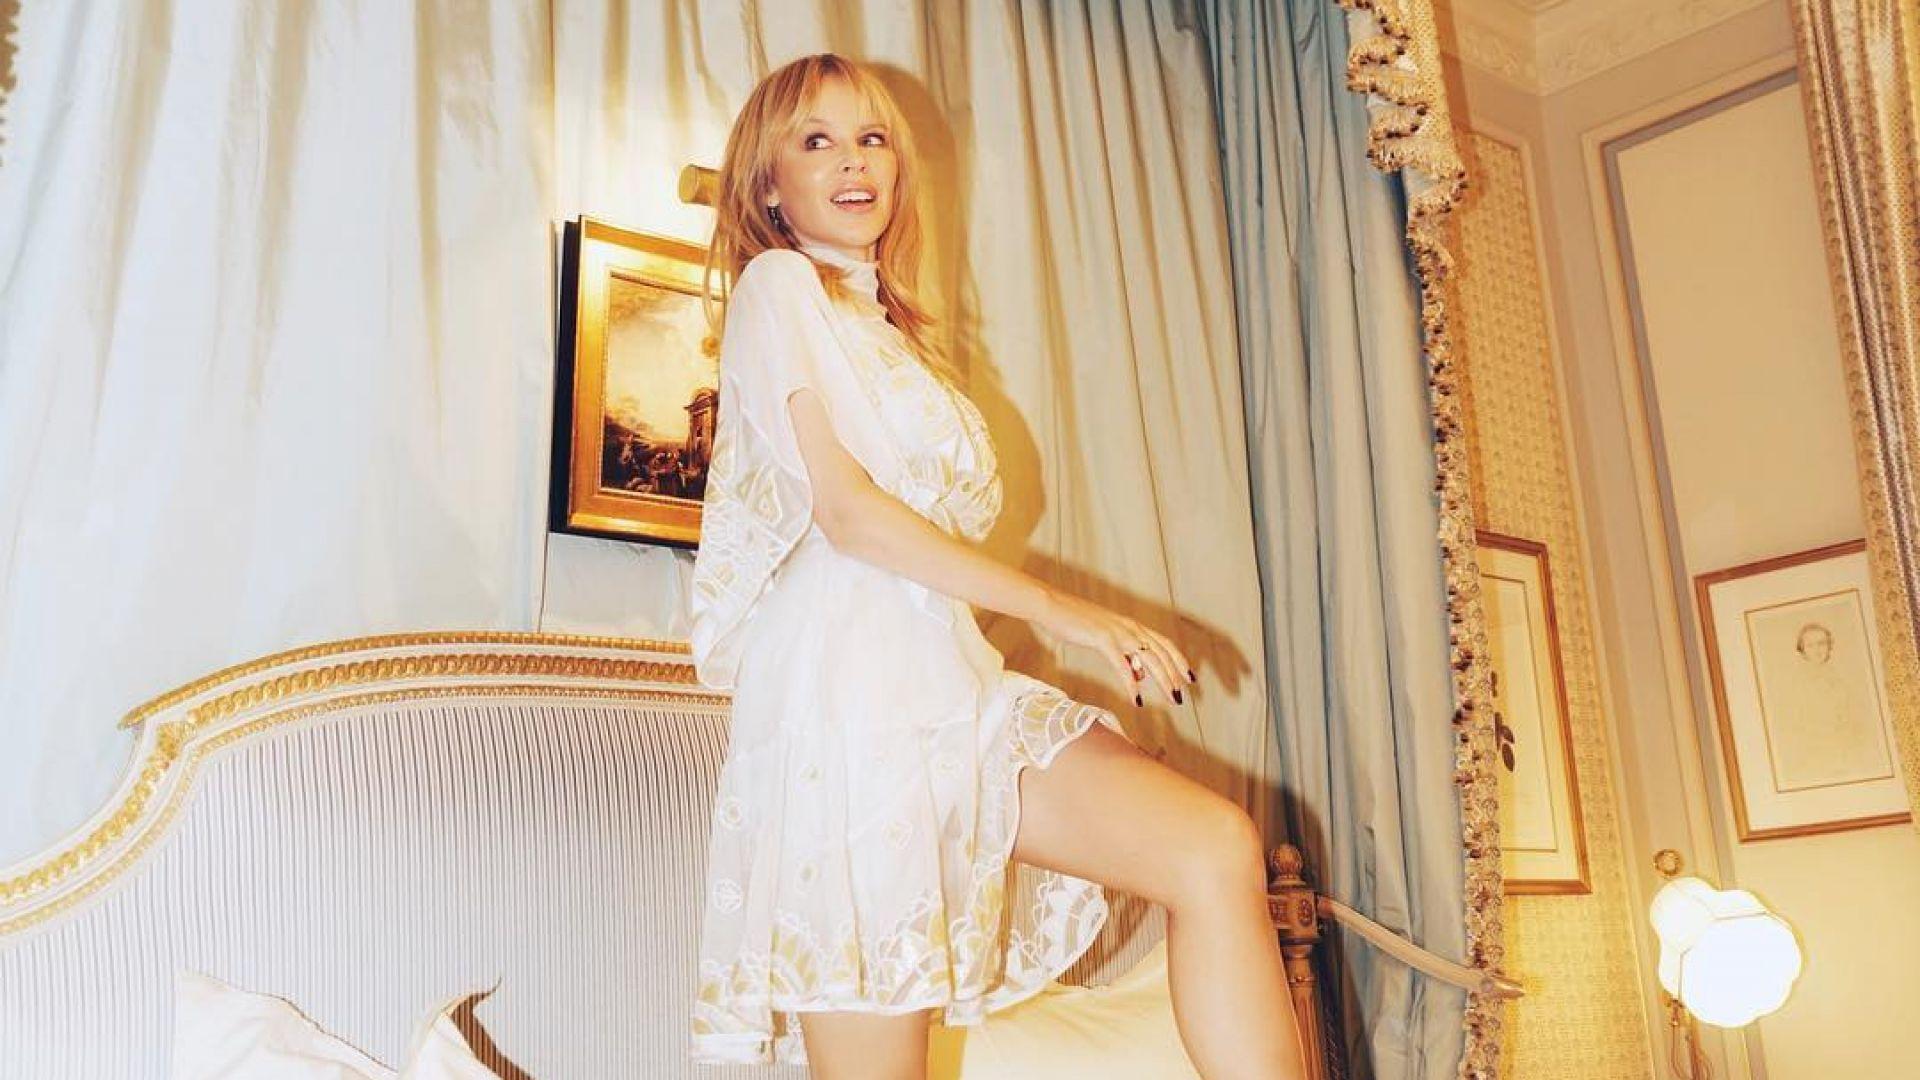 52-годишната Кайли Миноуг е сгодена, ще се омъжи за Пол Соломонс